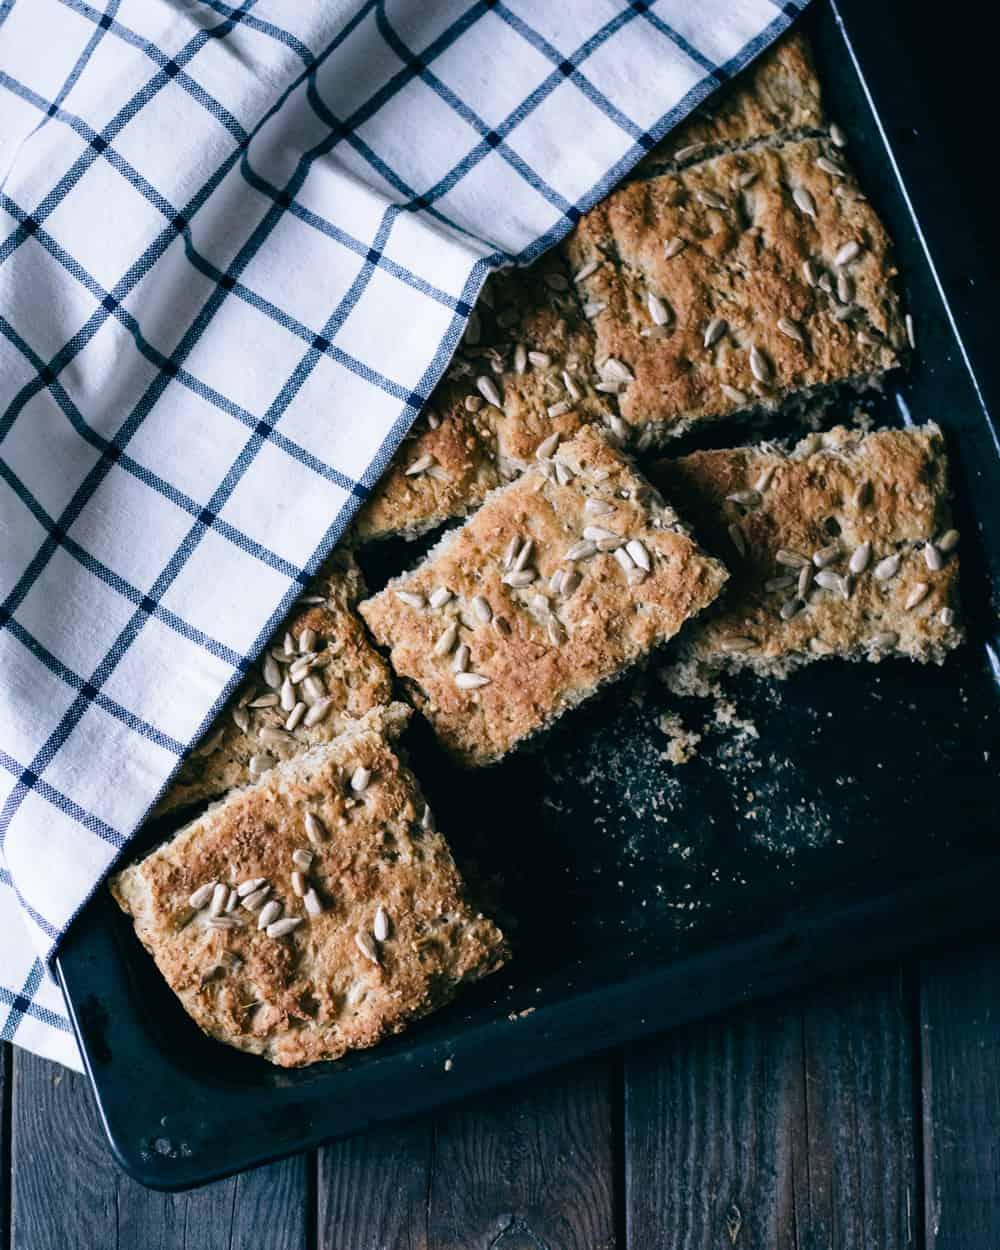 färskt bröd under en handduk